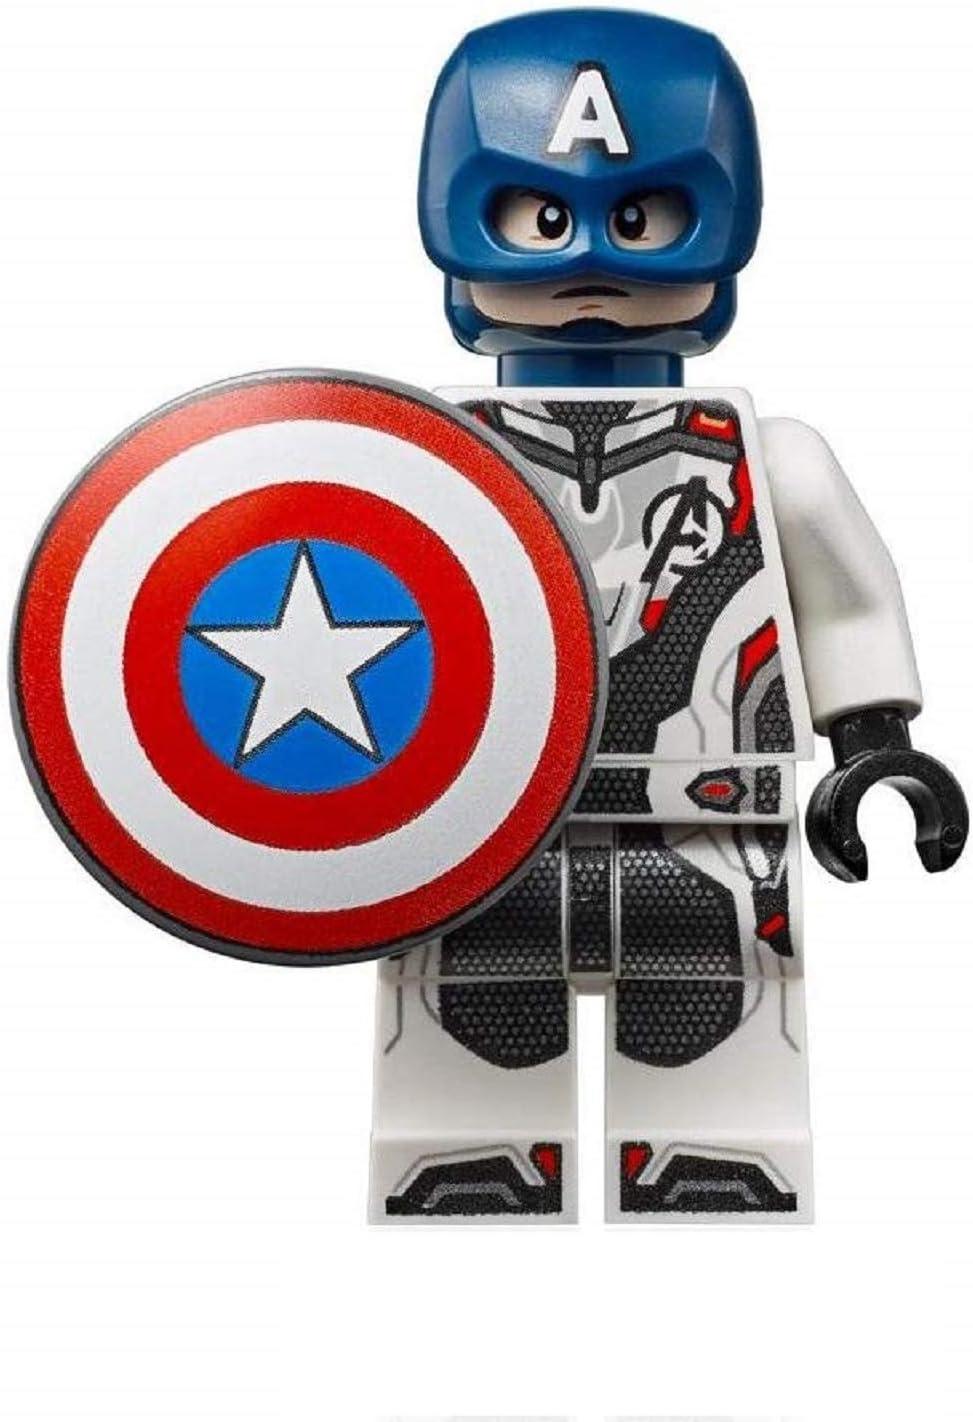 LEGO Super Heroes: Black Widow and Hawkeye - Avengers